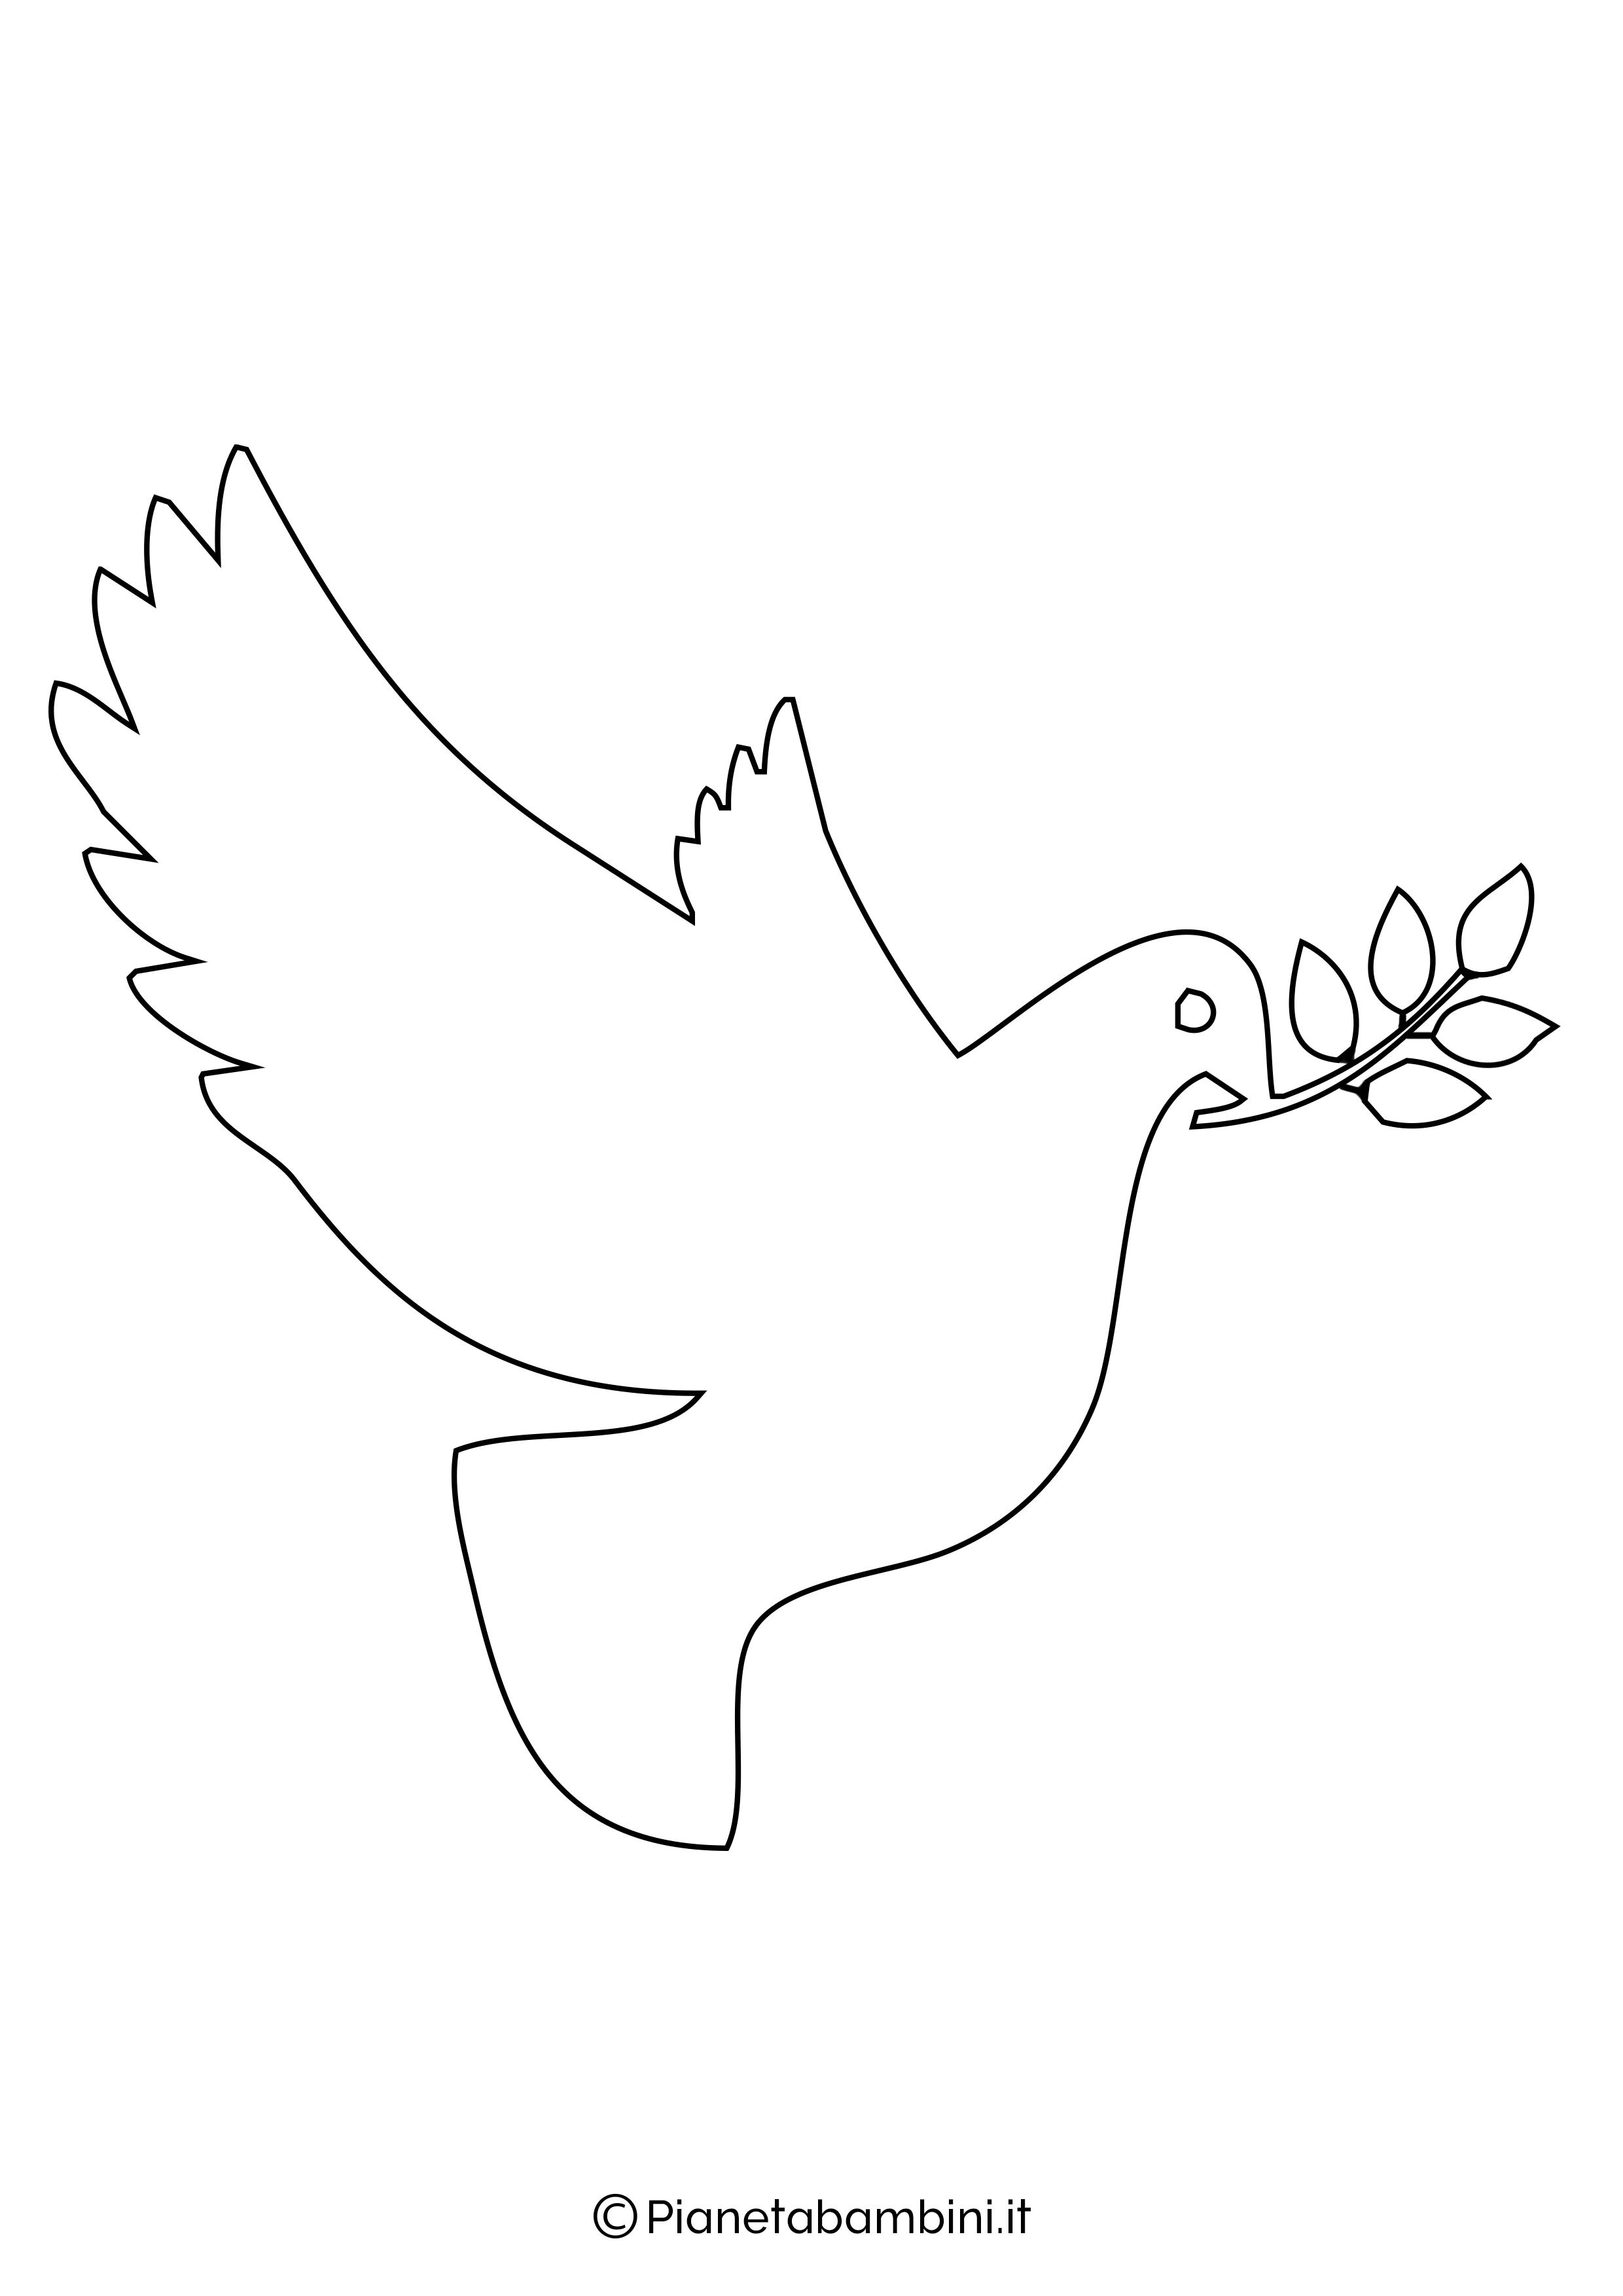 Disegni di colombe grandi 2